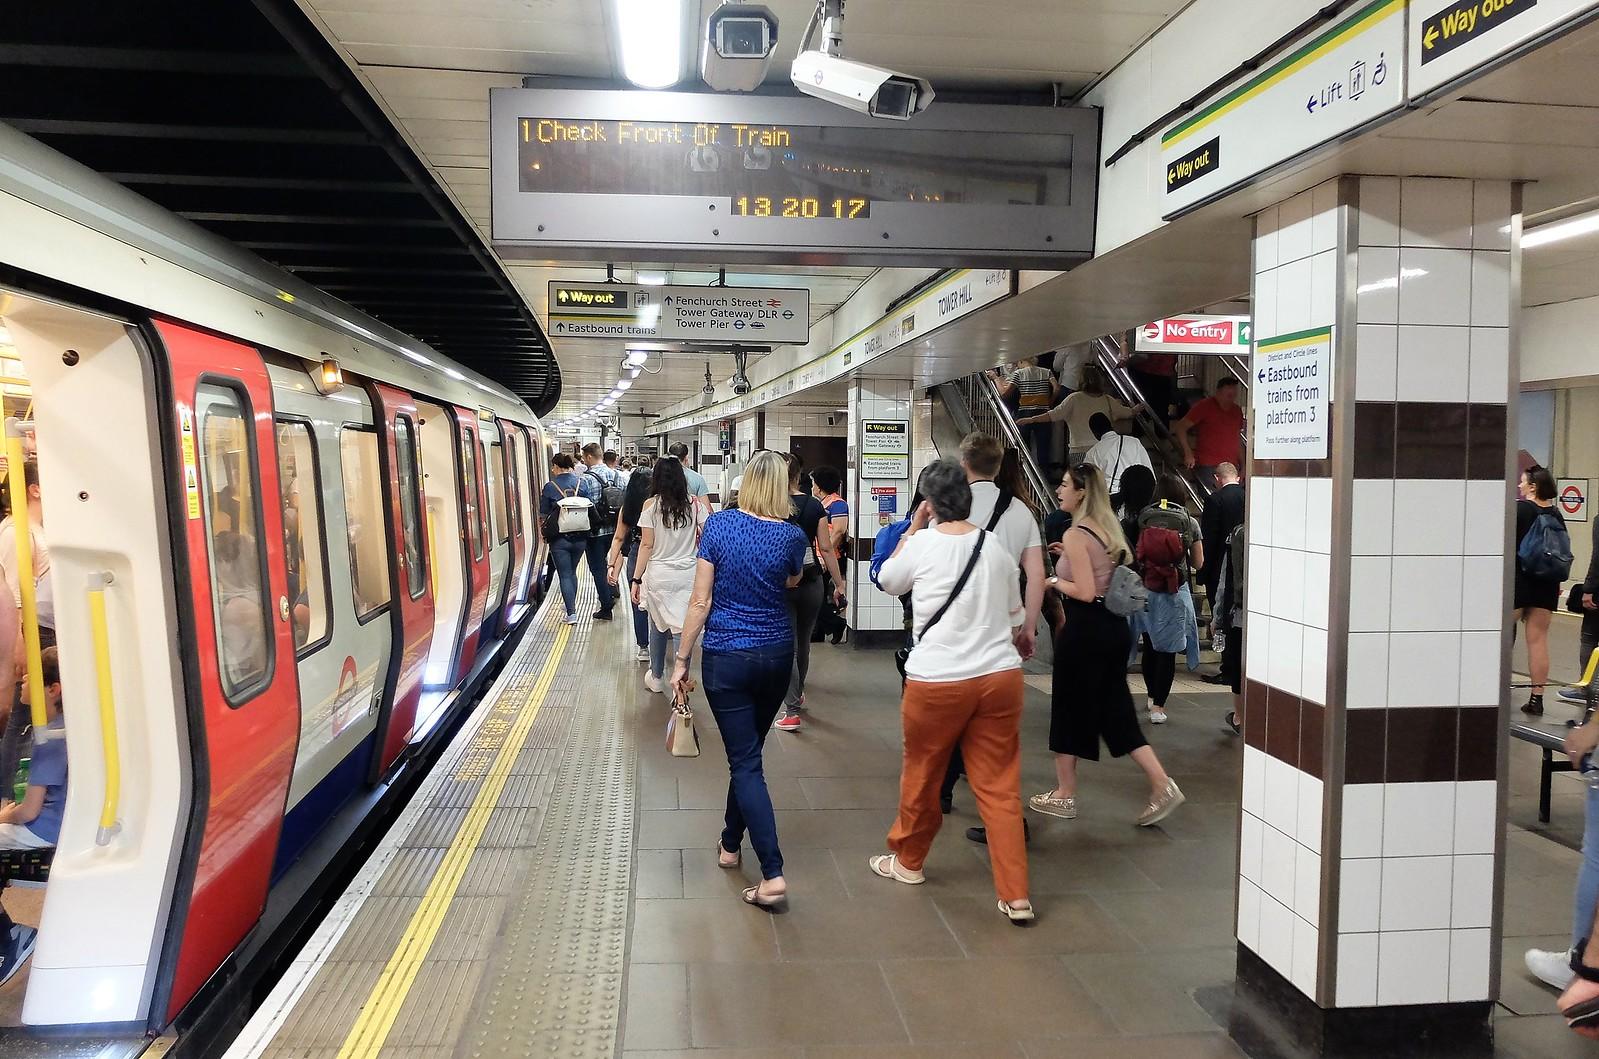 санатория метро лондона и его билеты фото помощью легко